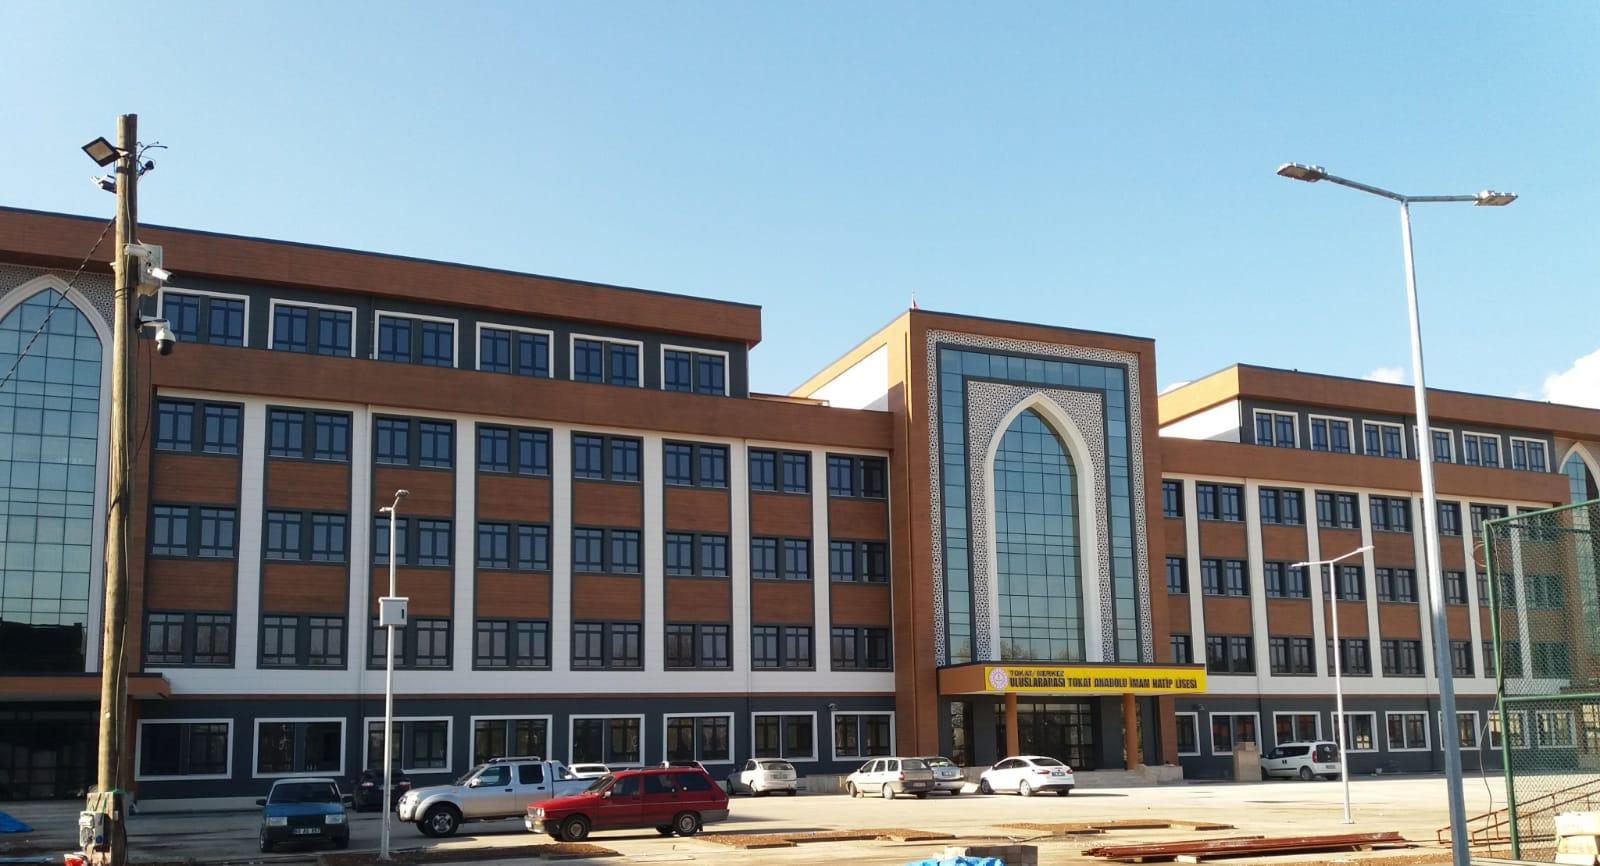 Tokat Çevre ve Şehircilik İl Müdürlüğümüzce projeleri hazırlanarak, kontollüğünü yaptığımız Uluslararası Anadolu İmam Hatip Lisesi Kompleksi İnşaatı tamamlanıyor.